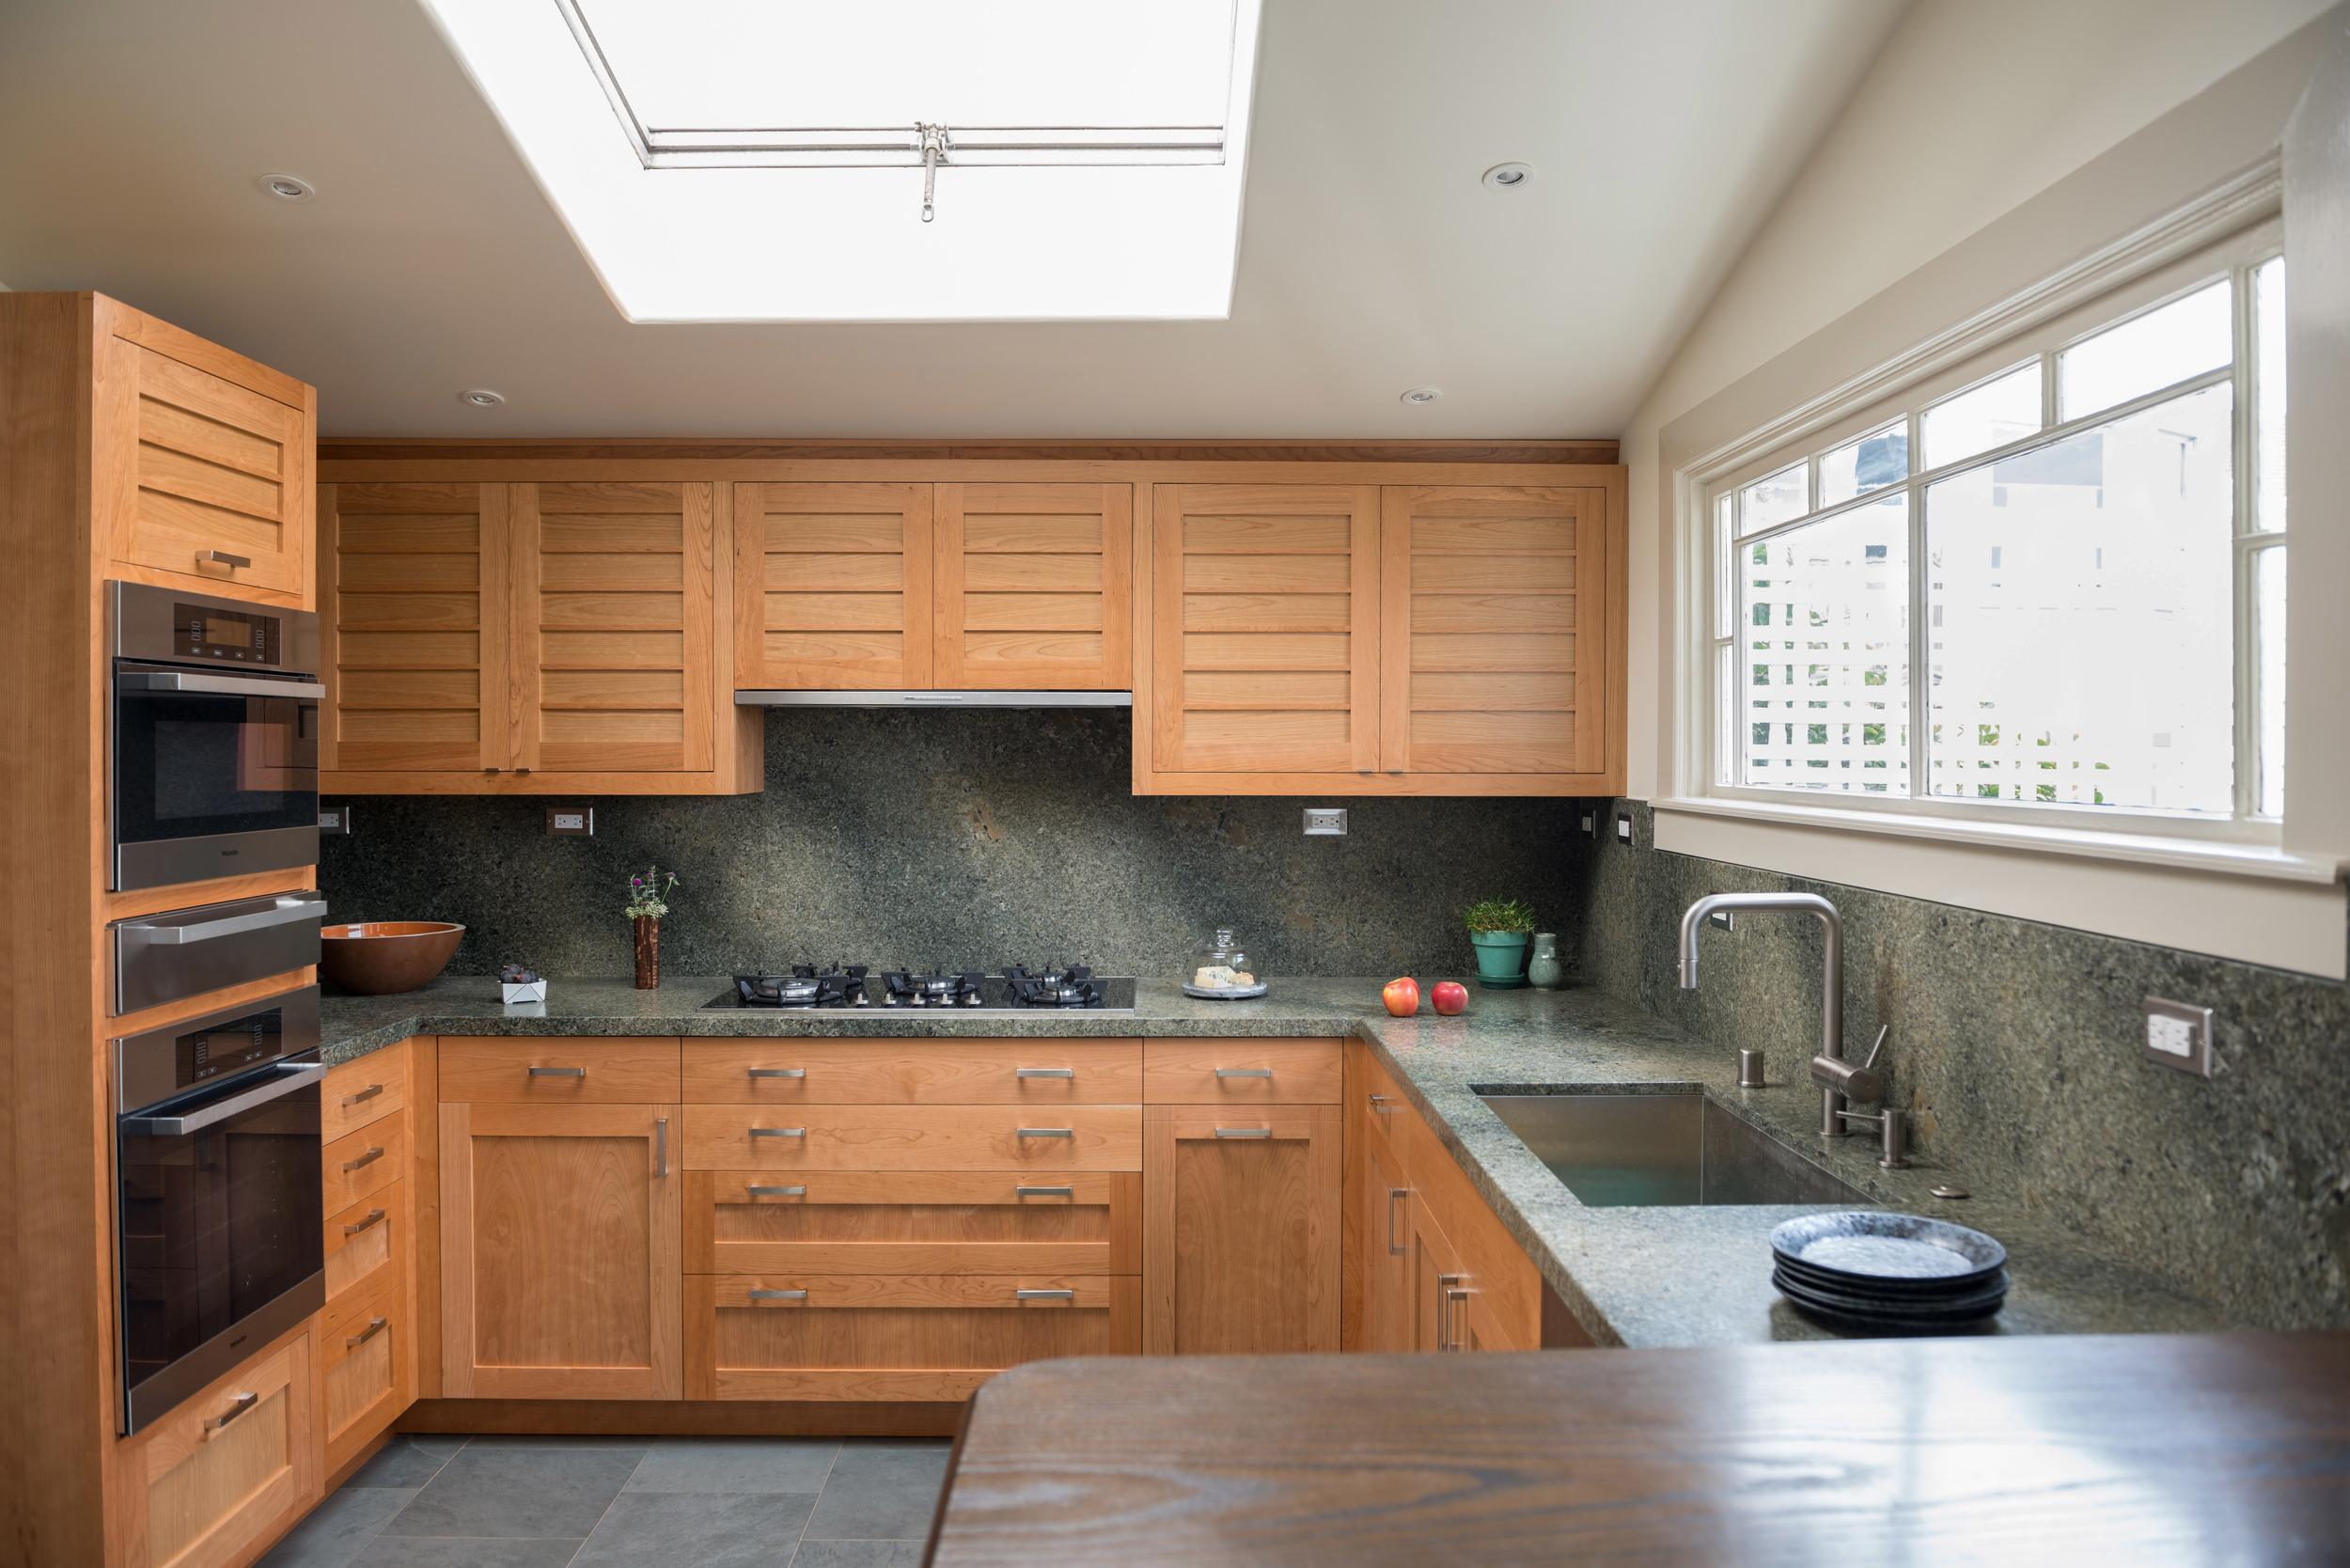 Potrero hill kitchen-02.jpg